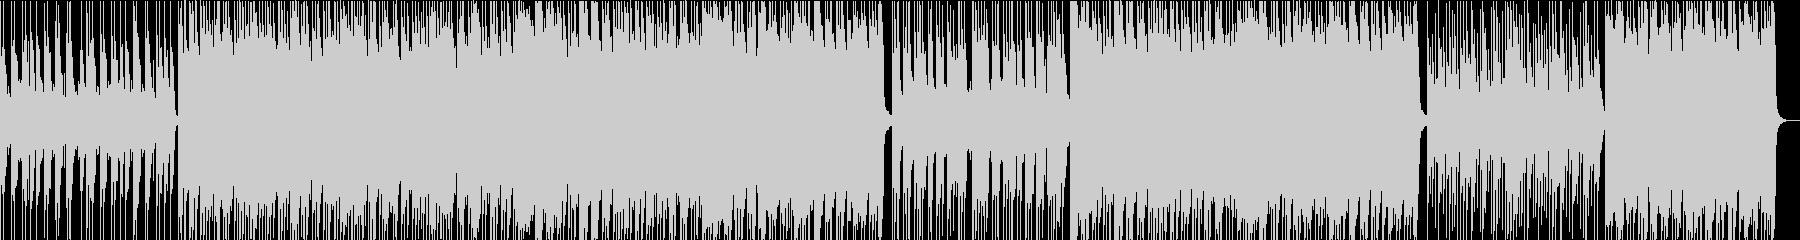 ポップロック研究所Bouncy-r...の未再生の波形